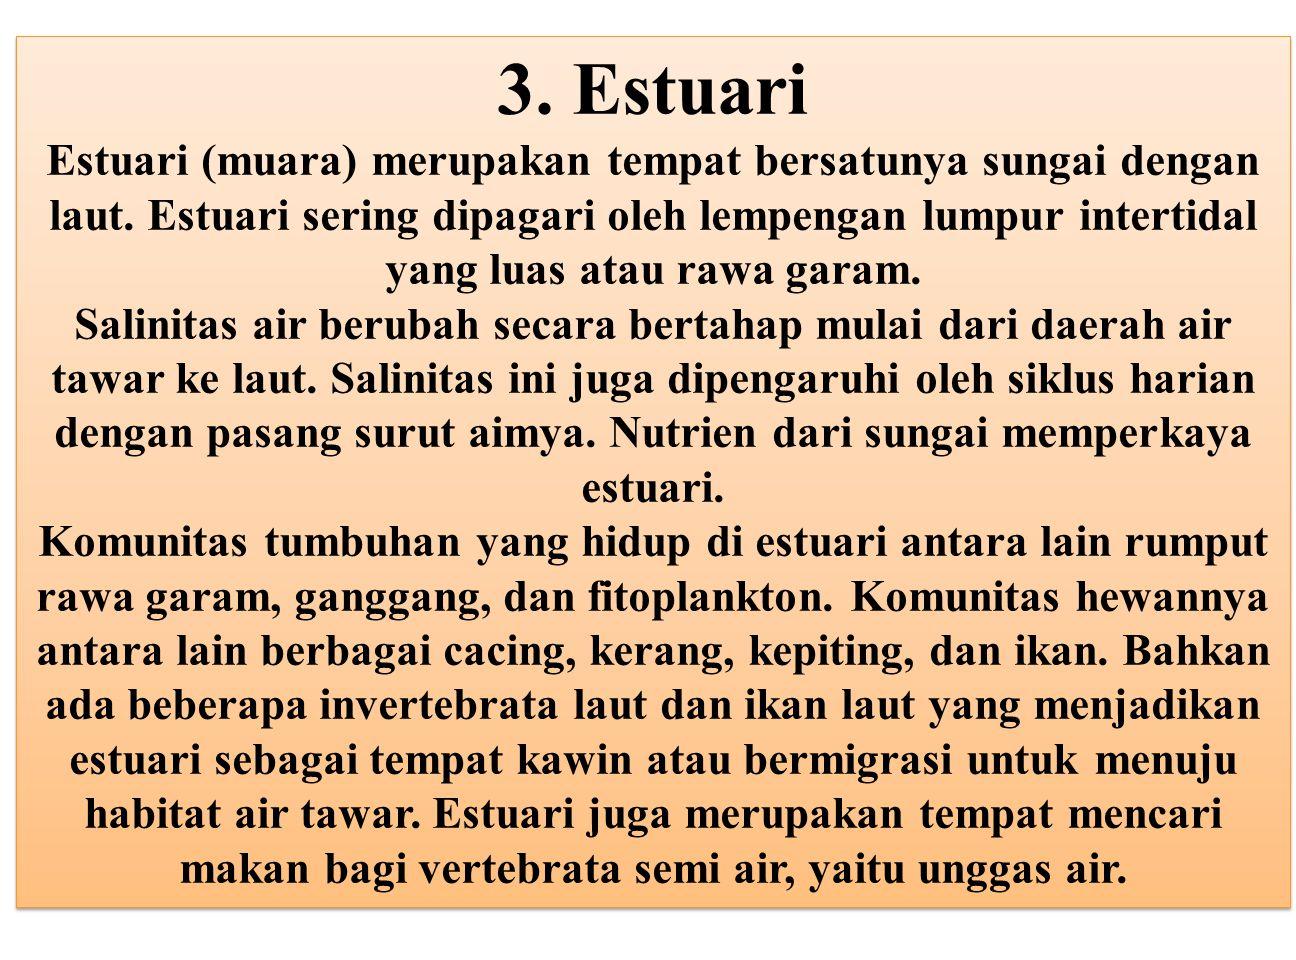 3. Estuari Estuari (muara) merupakan tempat bersatunya sungai dengan laut. Estuari sering dipagari oleh lempengan lumpur intertidal yang luas atau rawa garam.